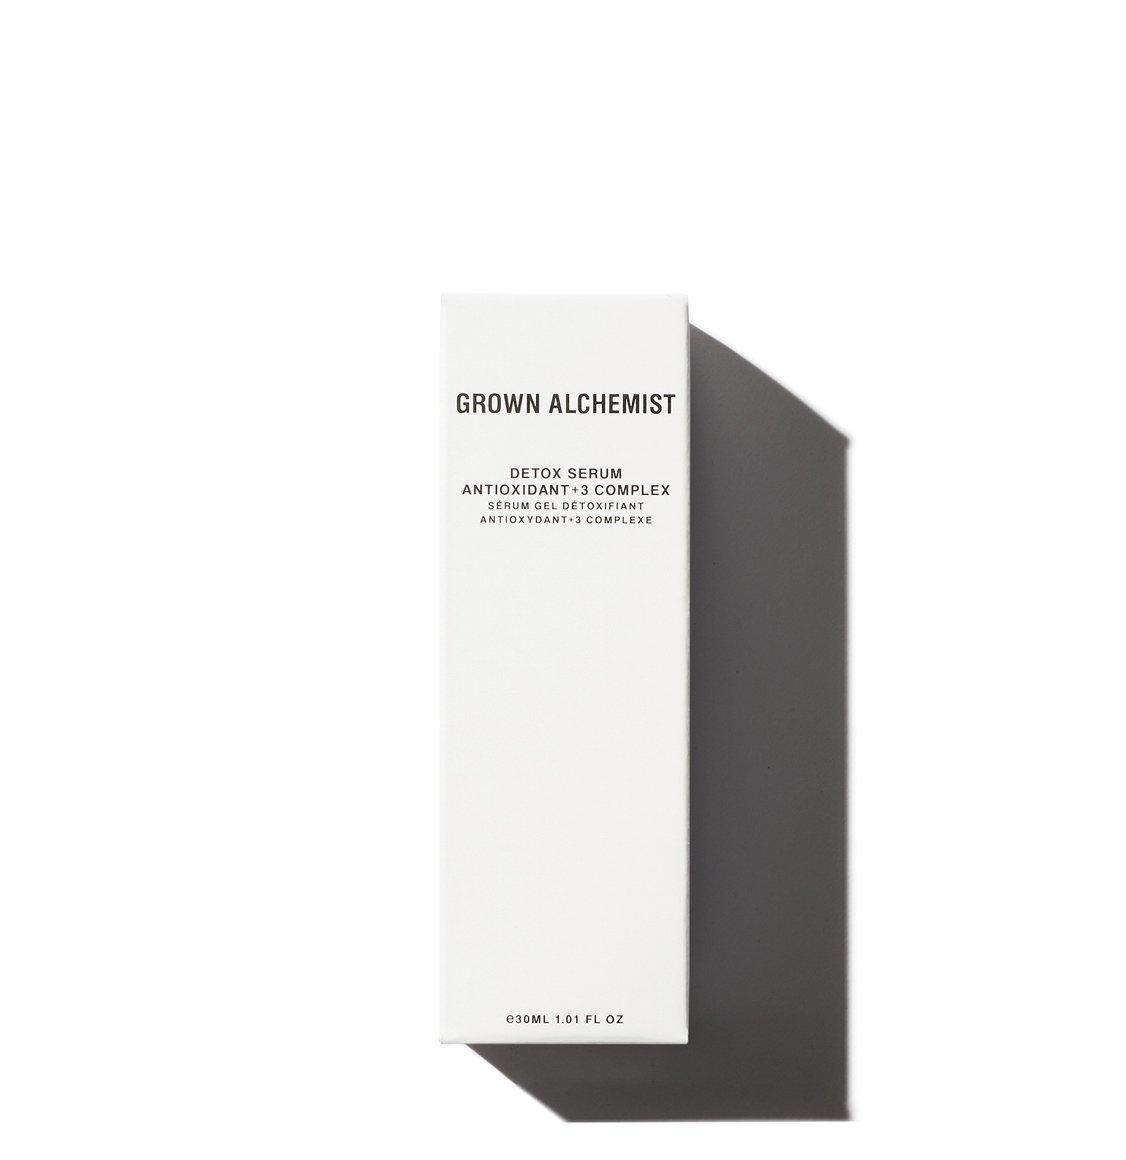 Grown Alchemist Detox Serum Antioxidant 3 Complex 30ml